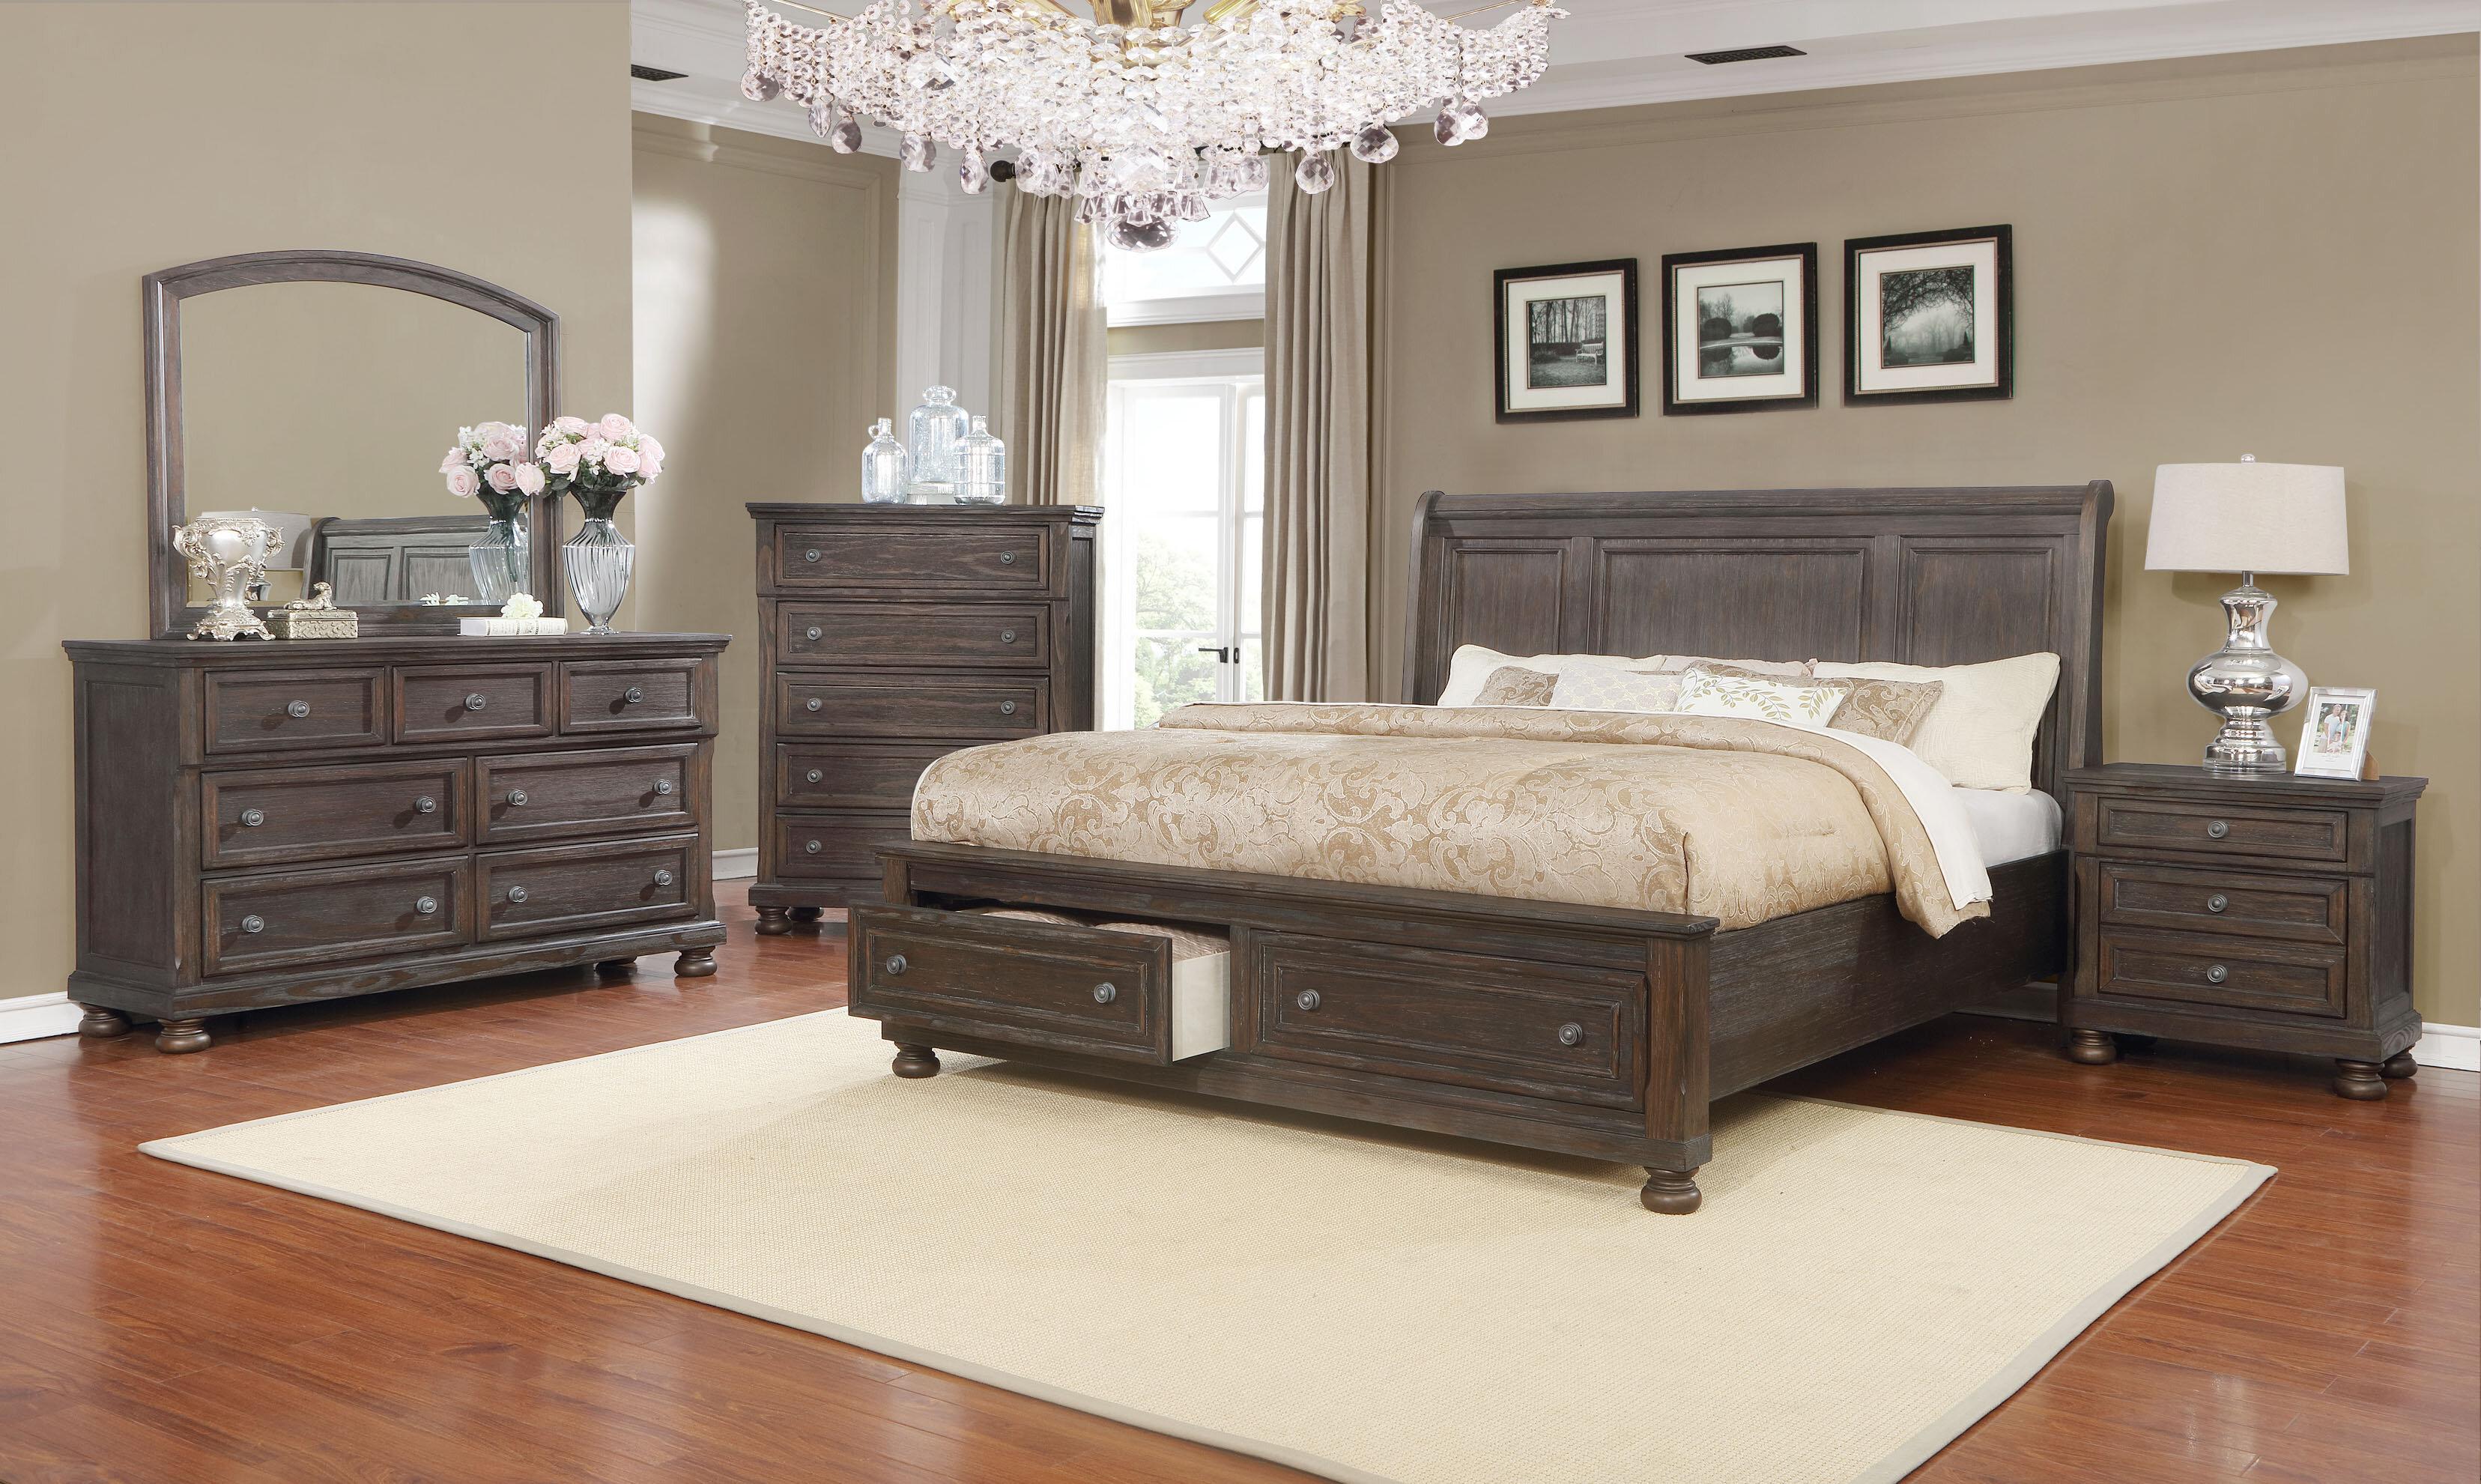 Mapes Queen Sleigh 4 Piece Bedroom Set